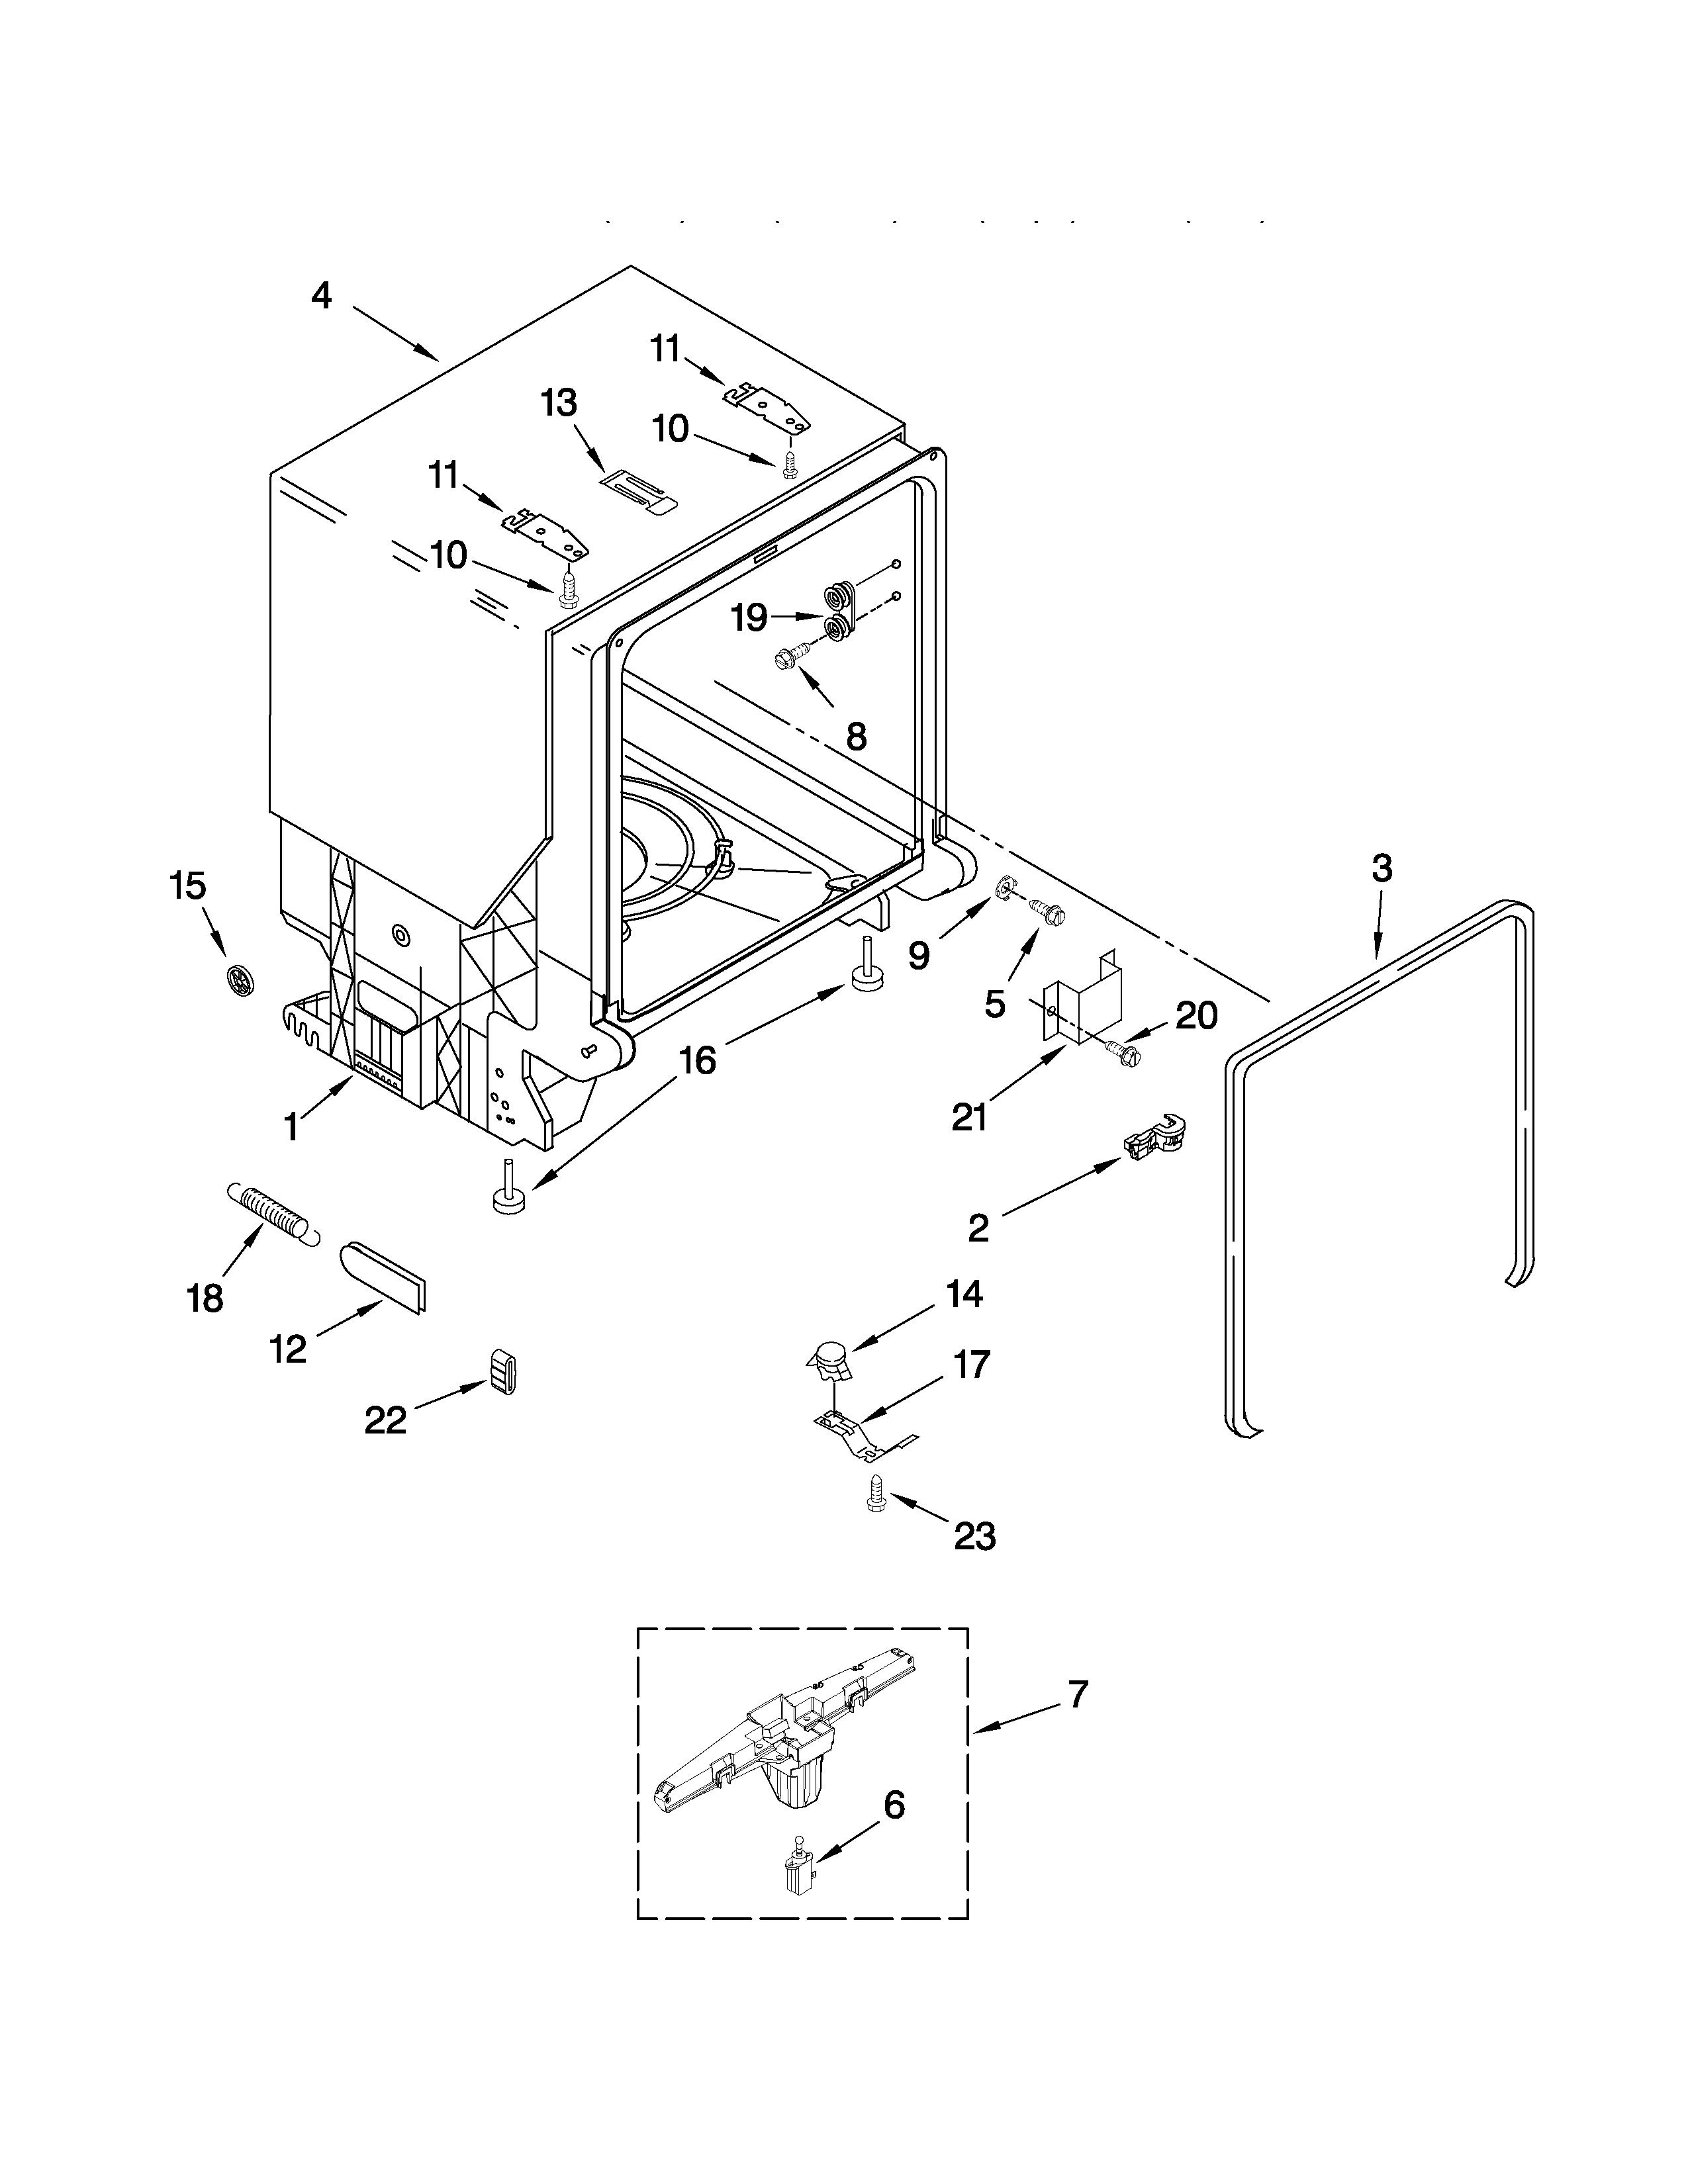 Wiring Diagram For Kenmore Dishwasher